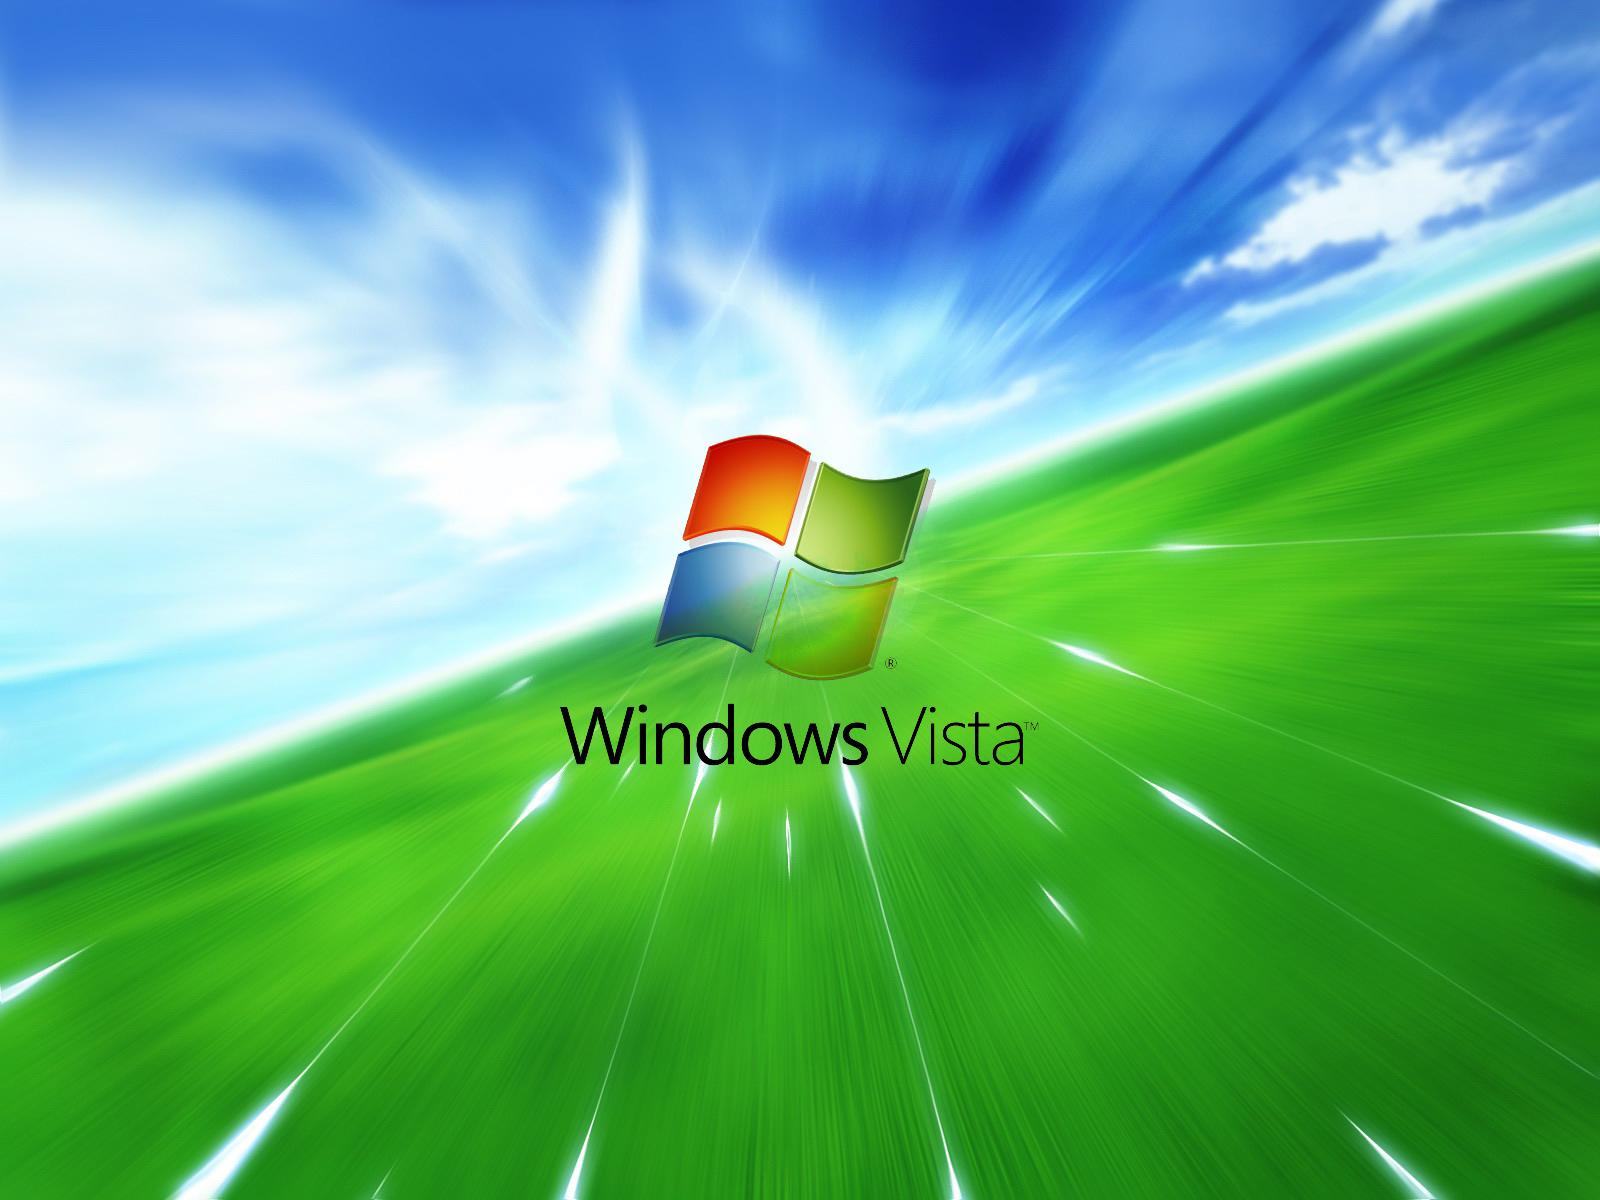 Free Vista Wallpaper 3D Heart Wallpaper Windows7